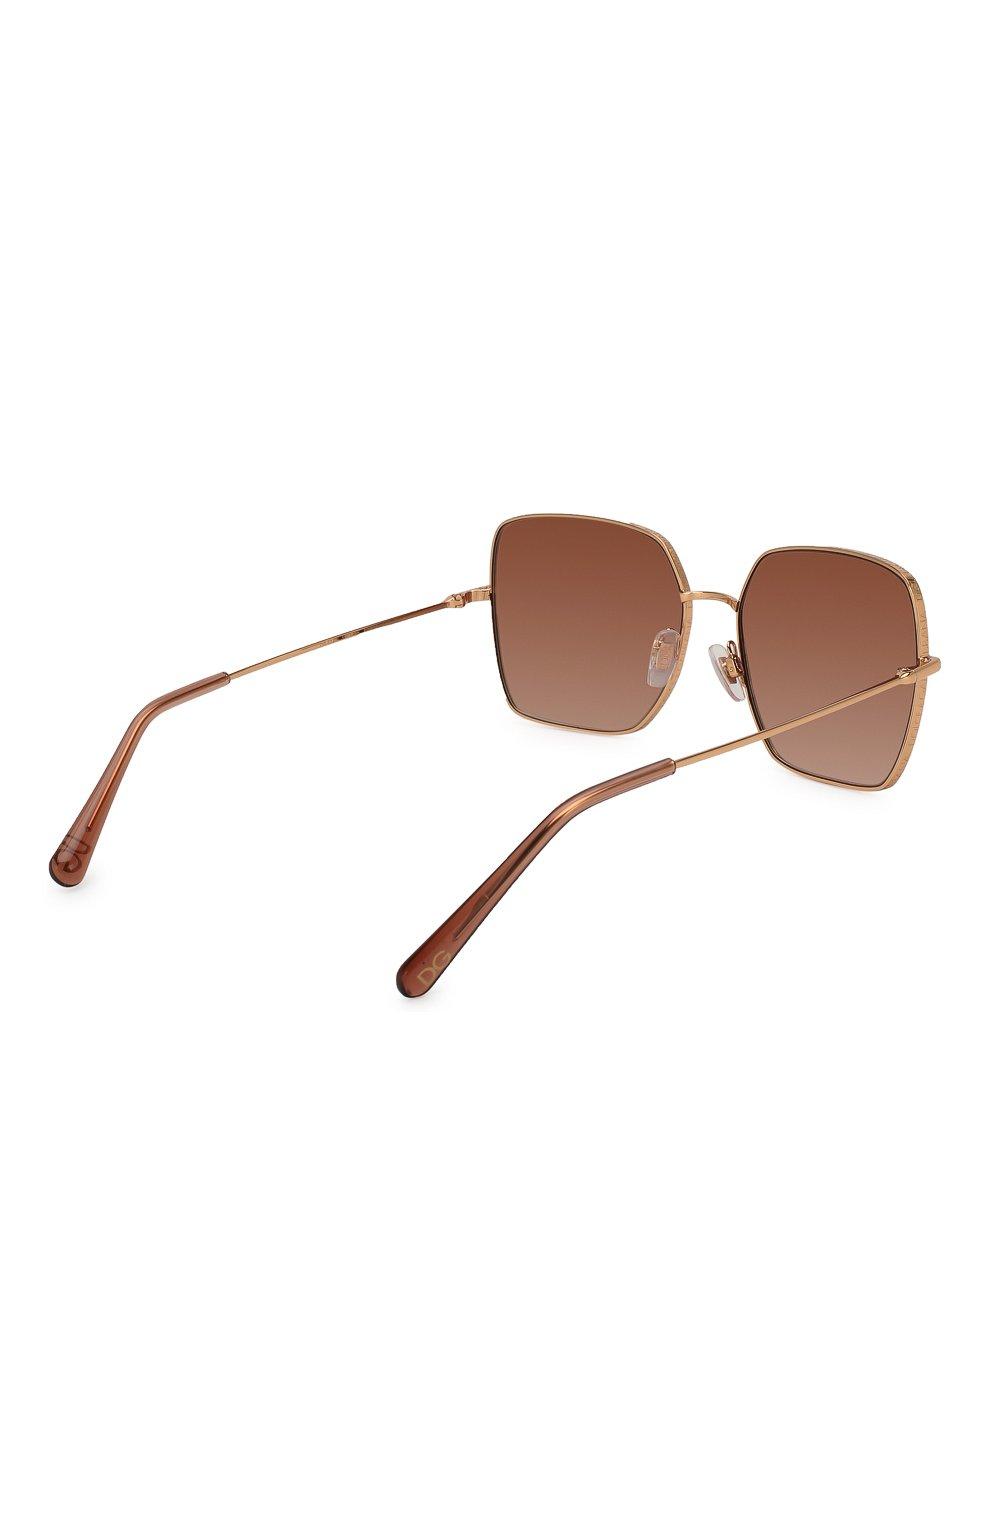 Женские солнцезащитные очки DOLCE & GABBANA розового цвета, арт. 2242-12986F | Фото 4